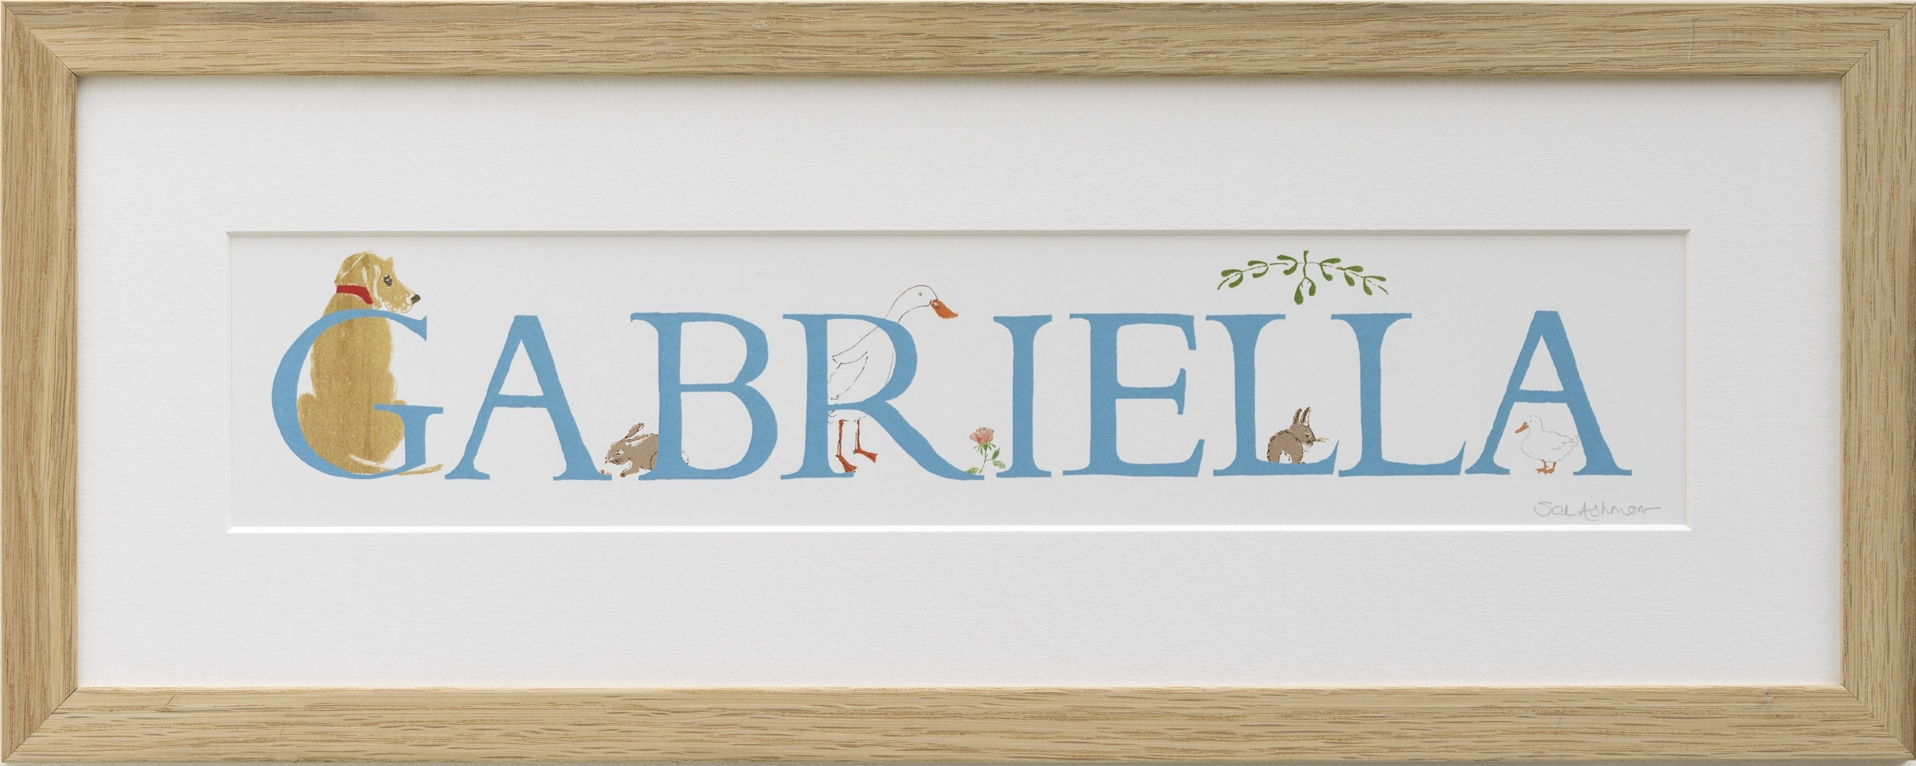 name-prints-gabriella